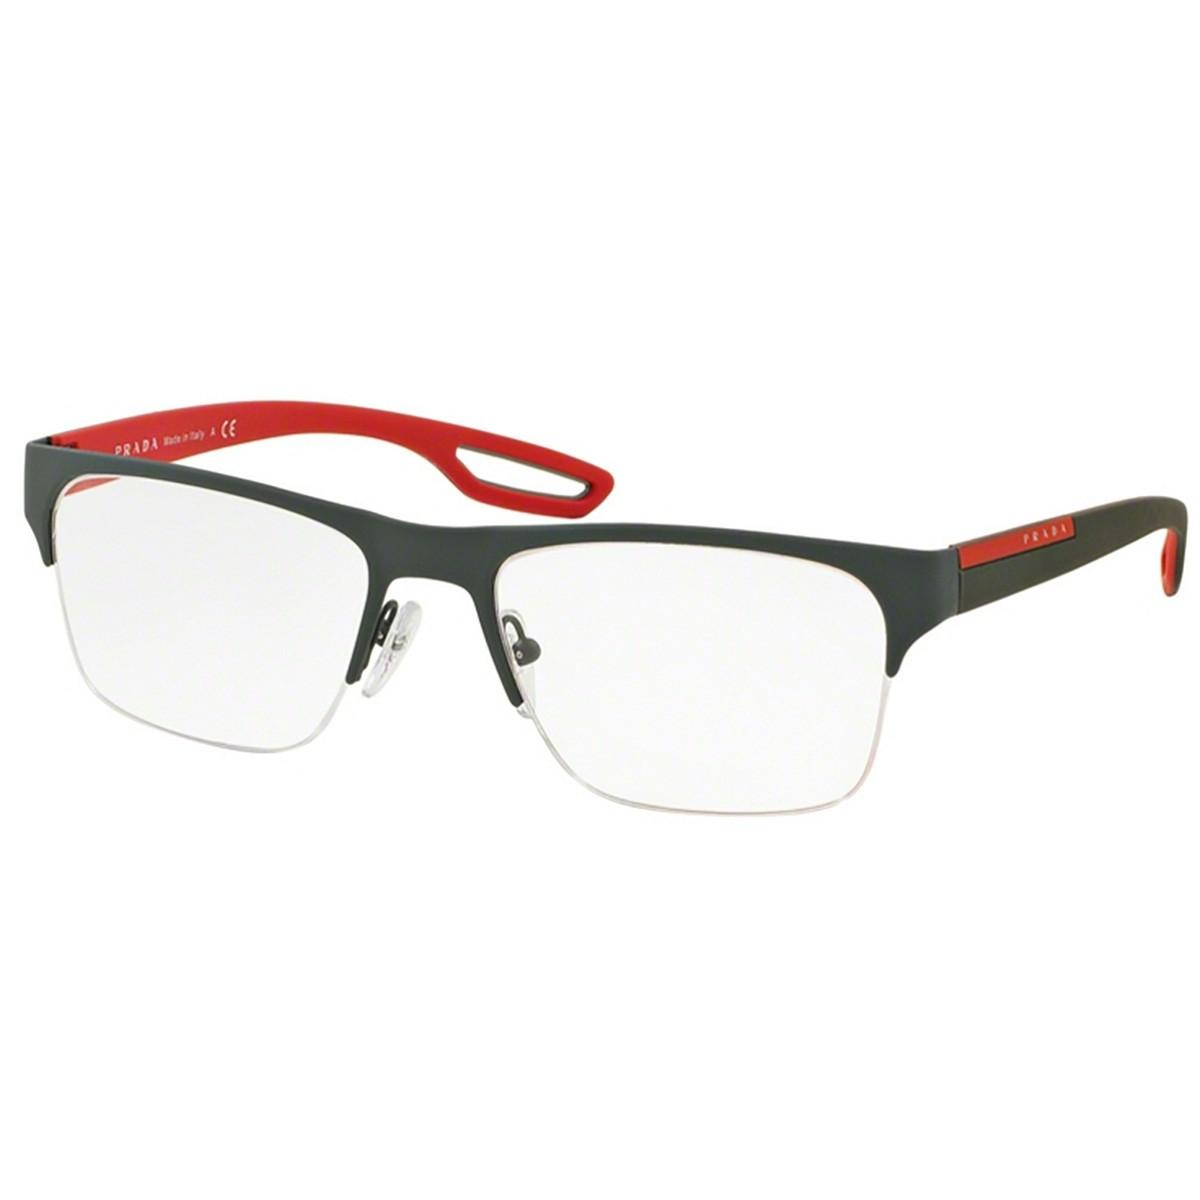 a8ecb75aafc62 Compre Óculos de Grau Prada Sport em 10X   Tri-Jóia Shop